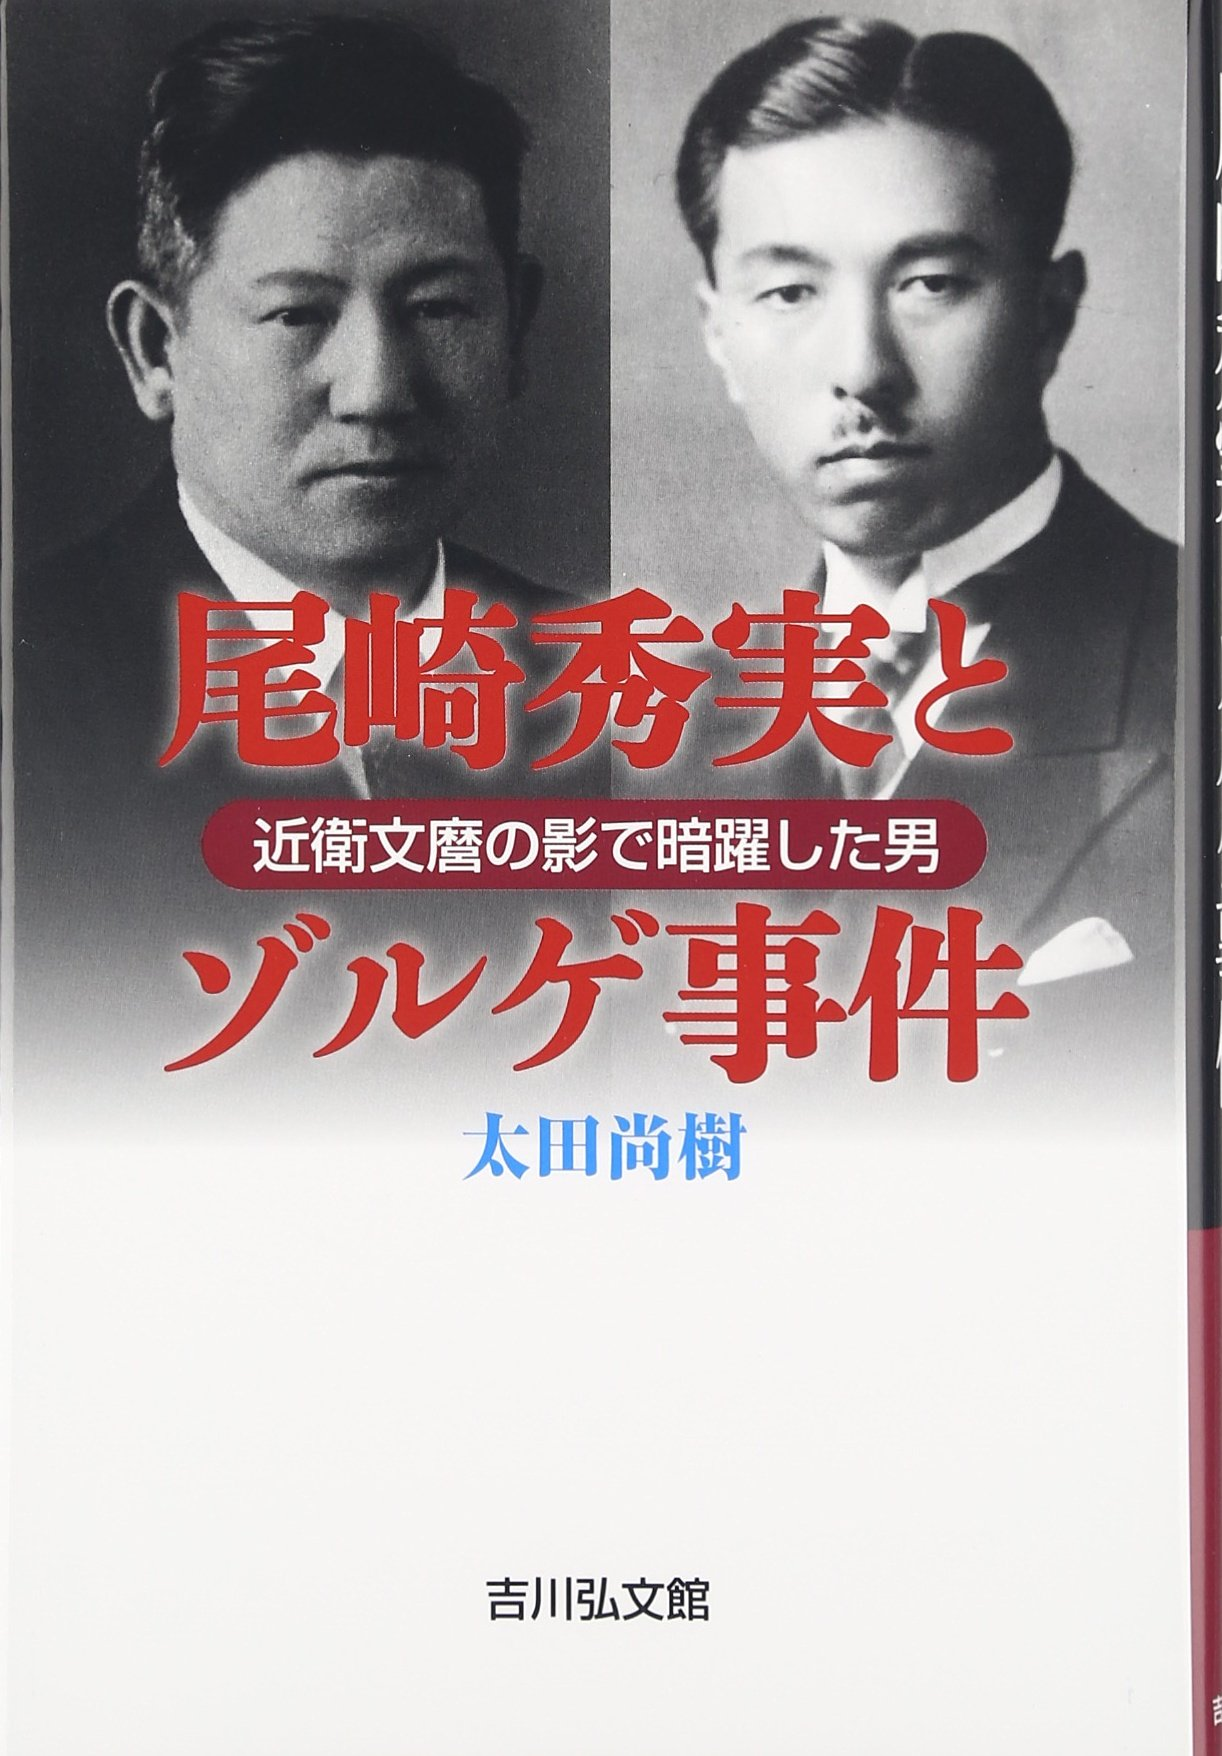 尾崎秀実とゾルゲ事件: 近衛文麿...